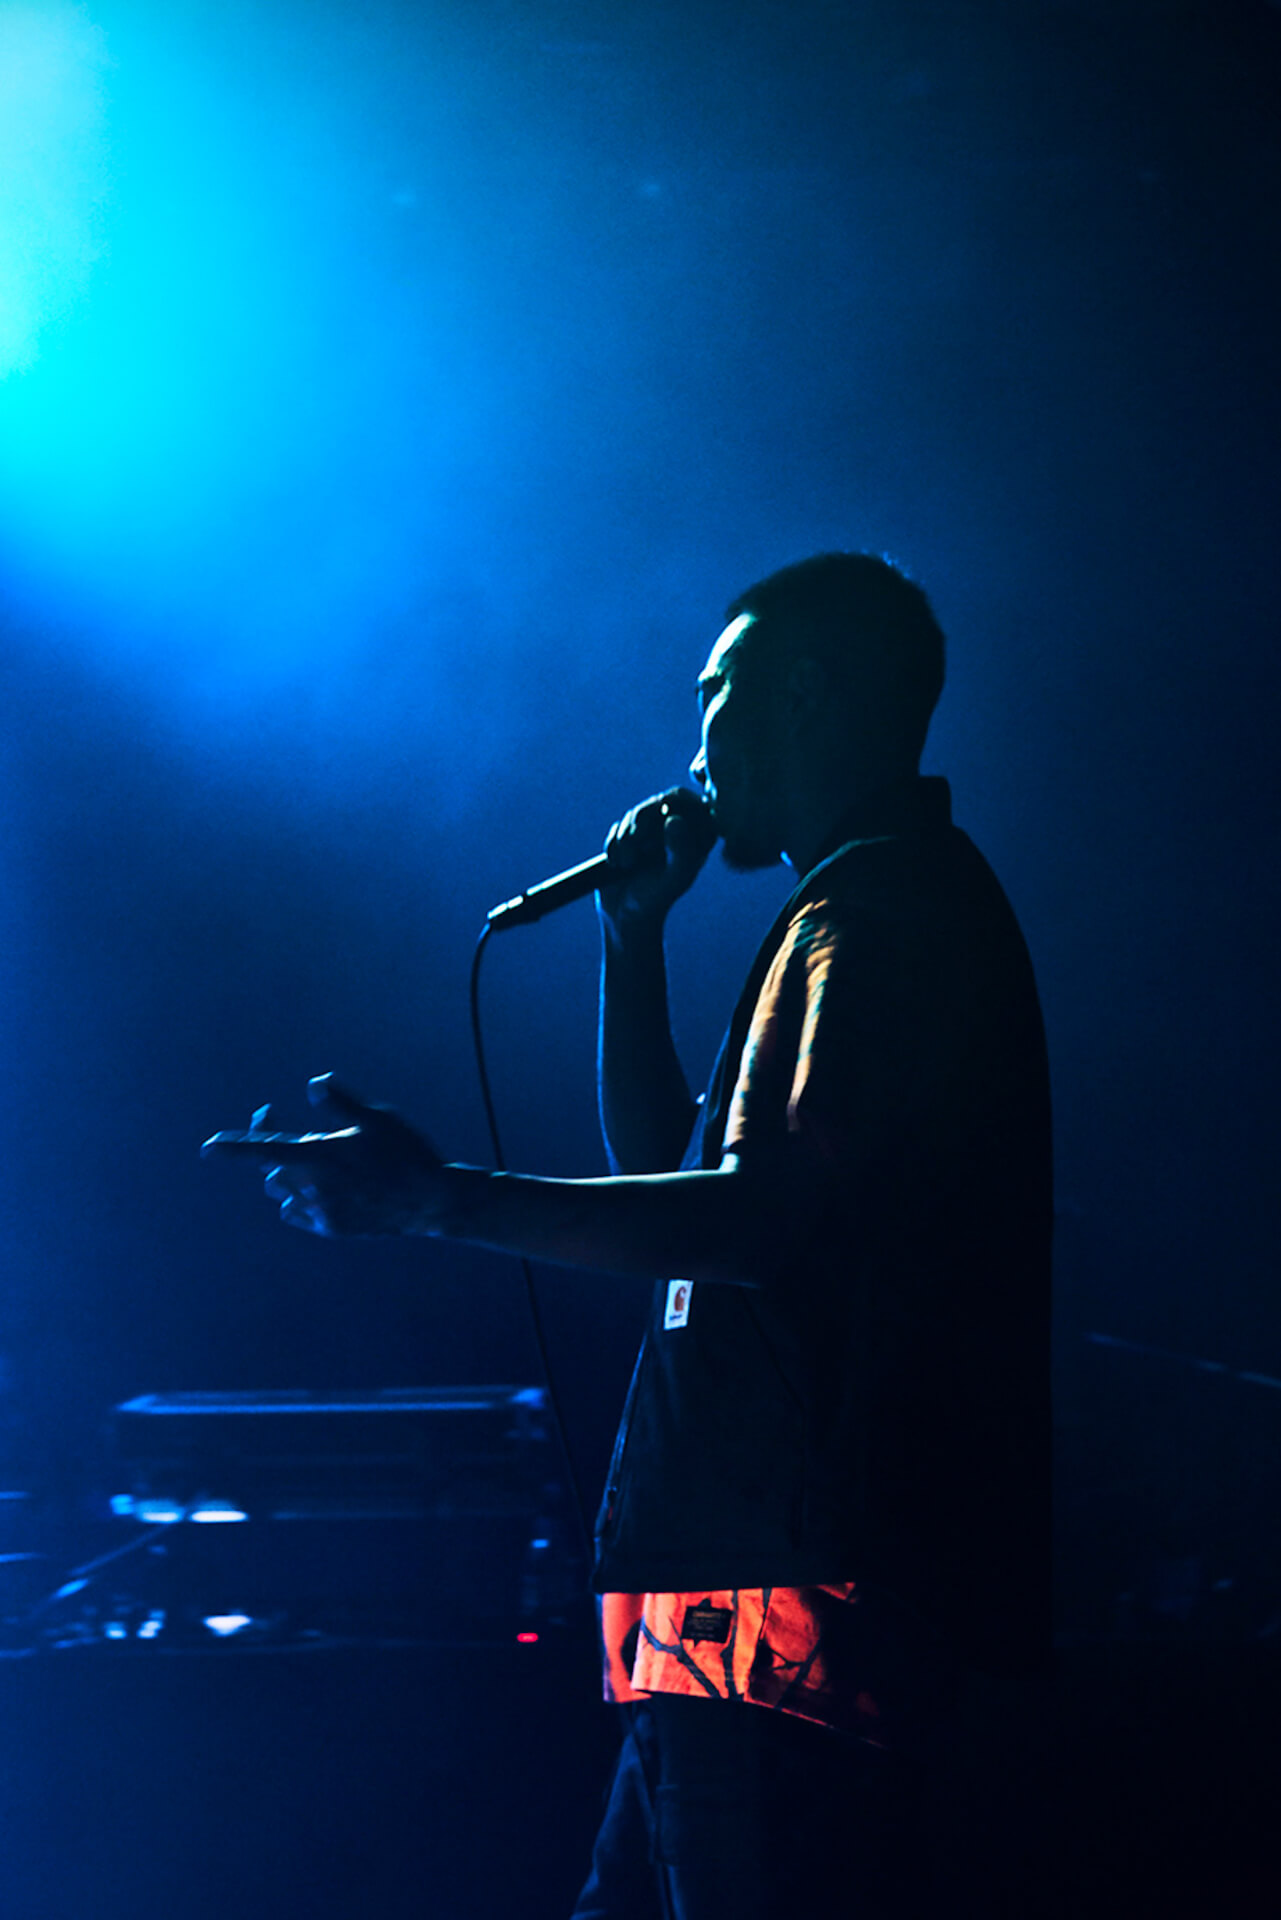 黒田卓也率いるaTak bandによる年末恒例イベント<aTak 2020>に田我流がゲスト出演決定! music201222_atak_2